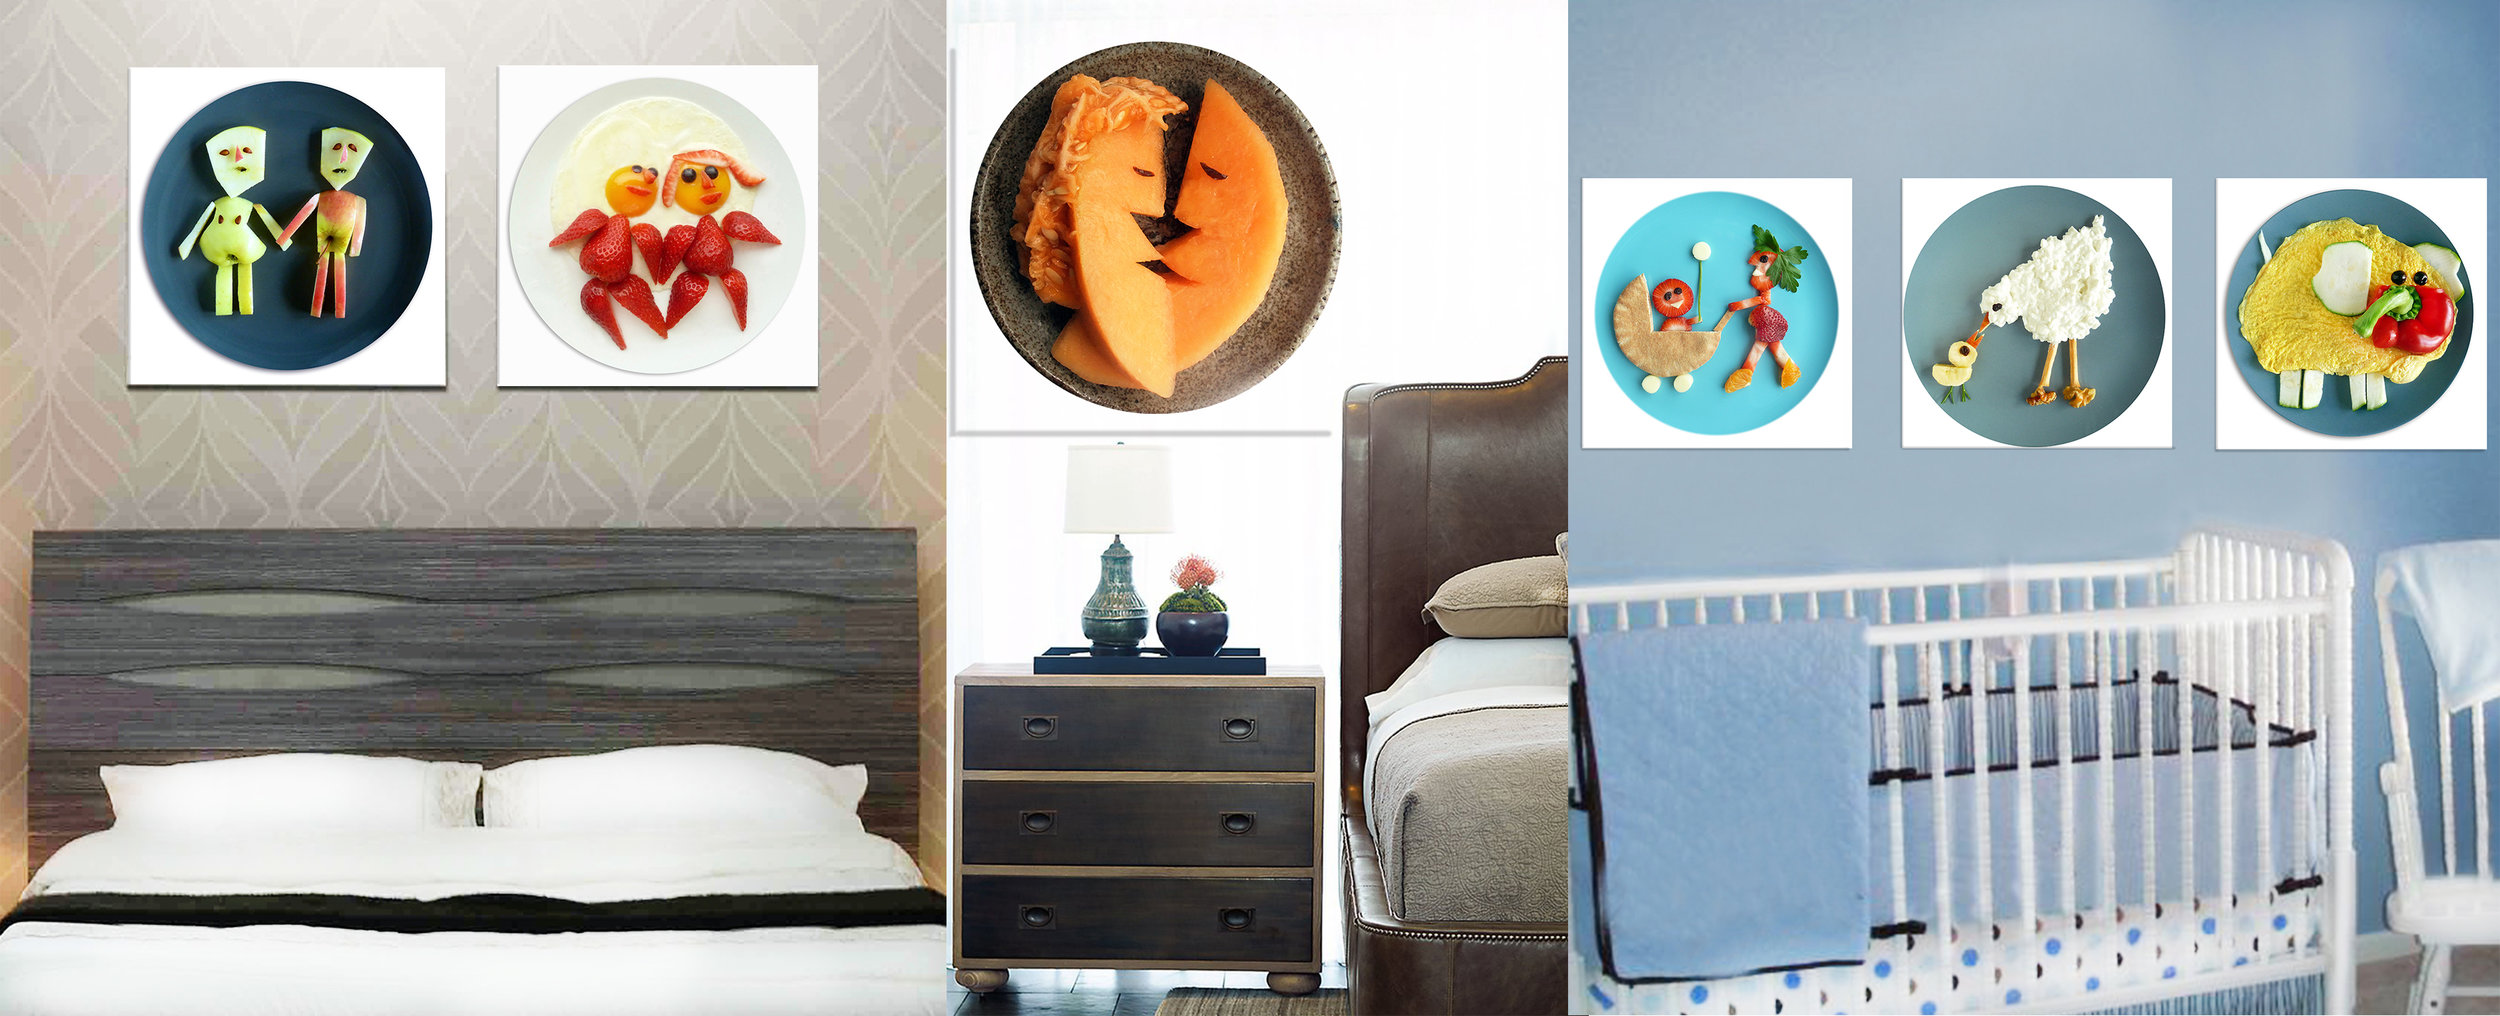 Bedroom panel.jpg